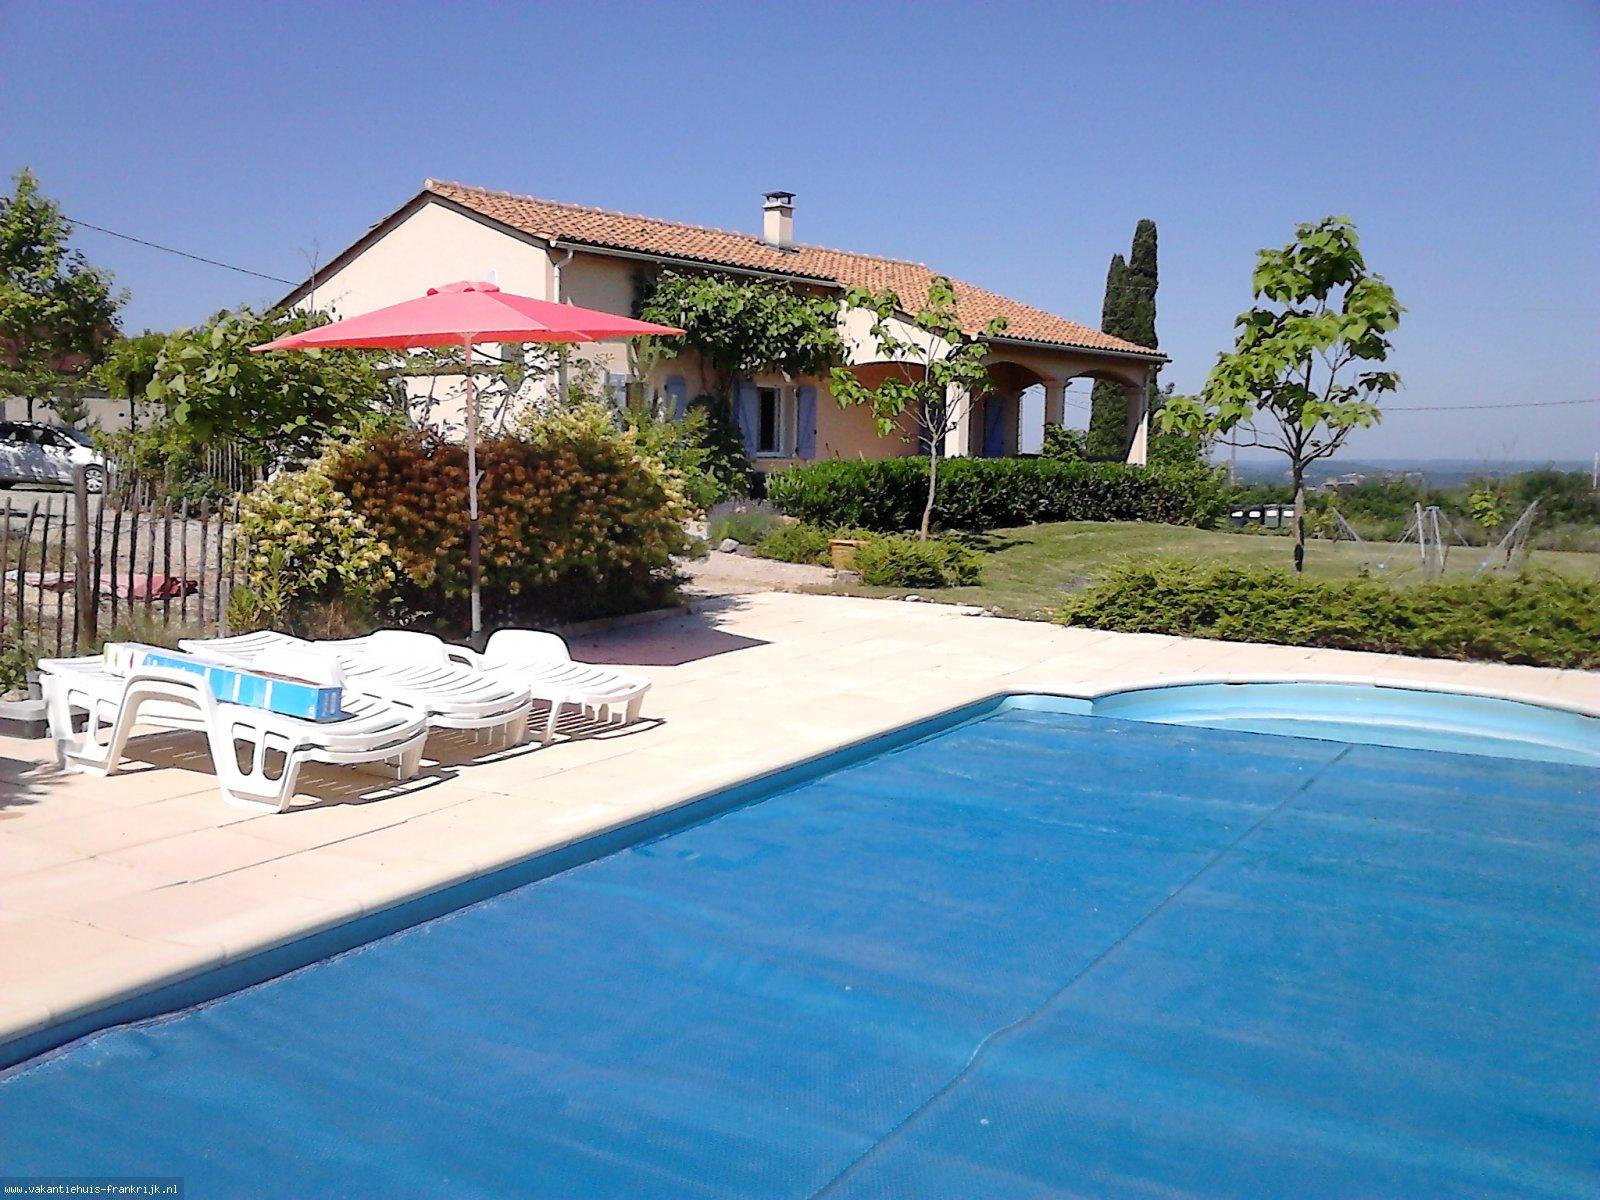 Vakantiehuis: Gezellige en eigentijdse vakantiewoning met zwembad en tuin. Gelegen in de Lot op de grens van de Dordogne. te huur voor uw vakantie in Lot (Frankrijk)